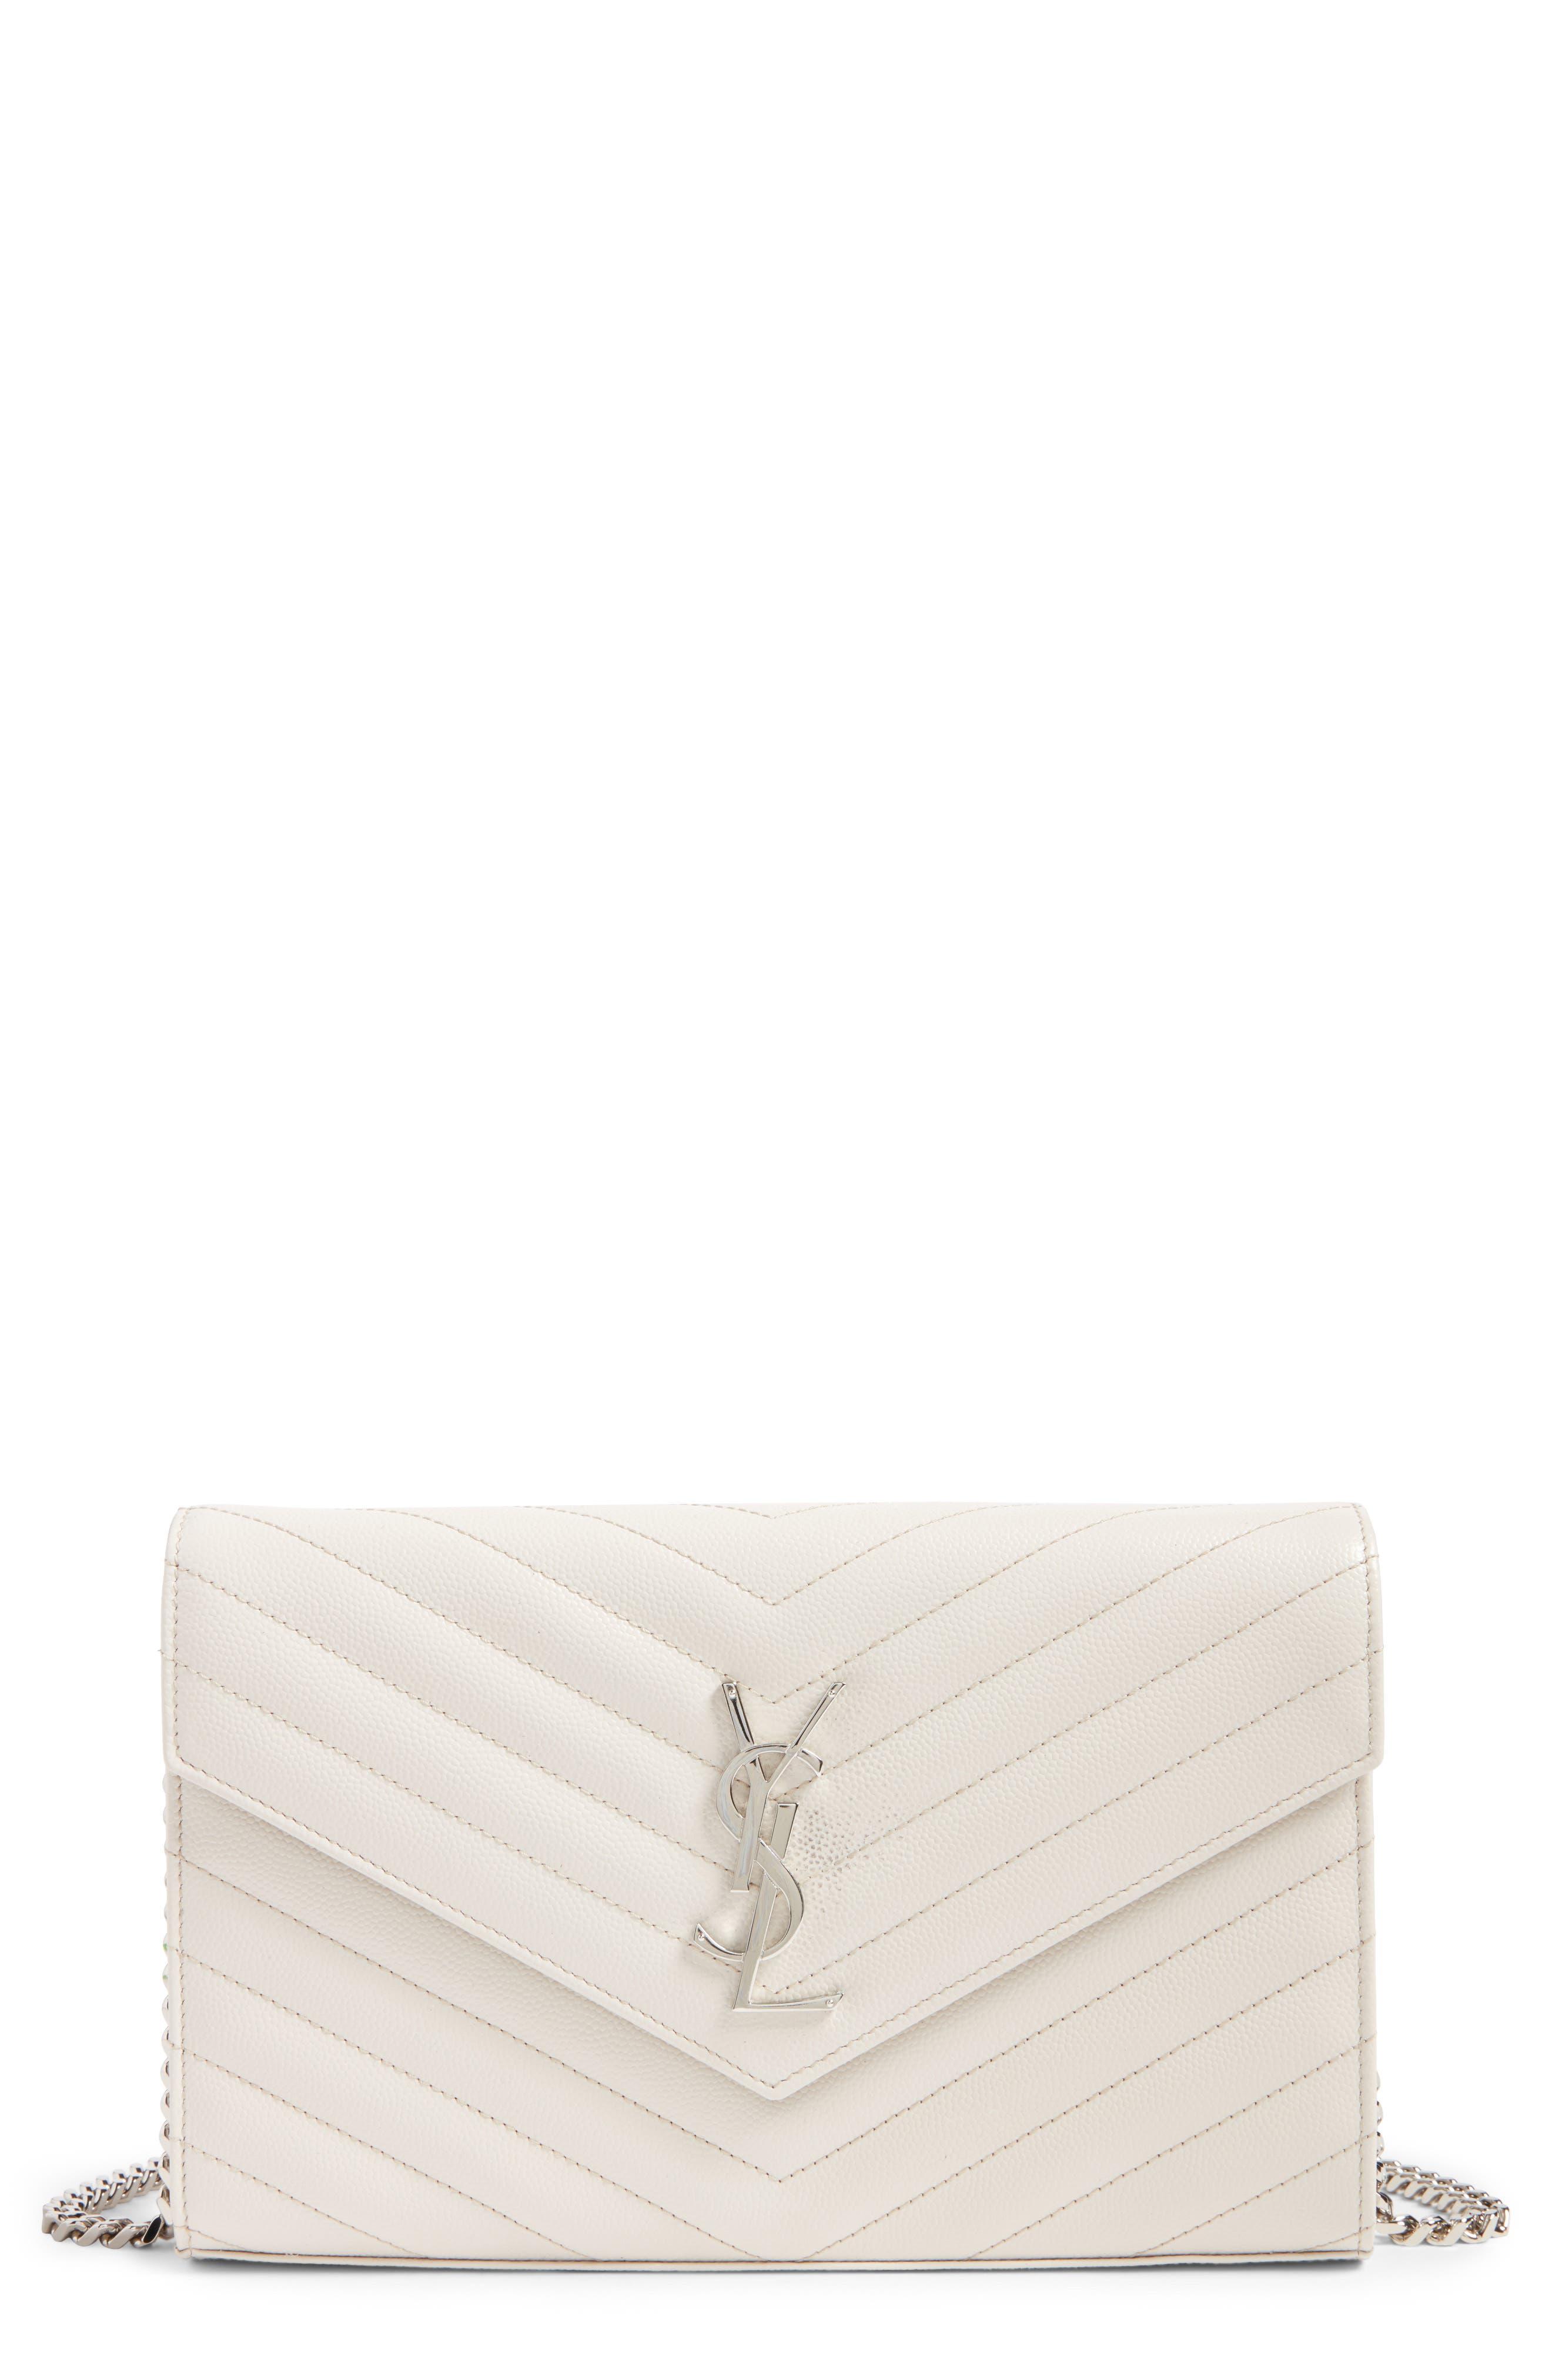 SAINT LAURENT Monogram Wallet on a Chain